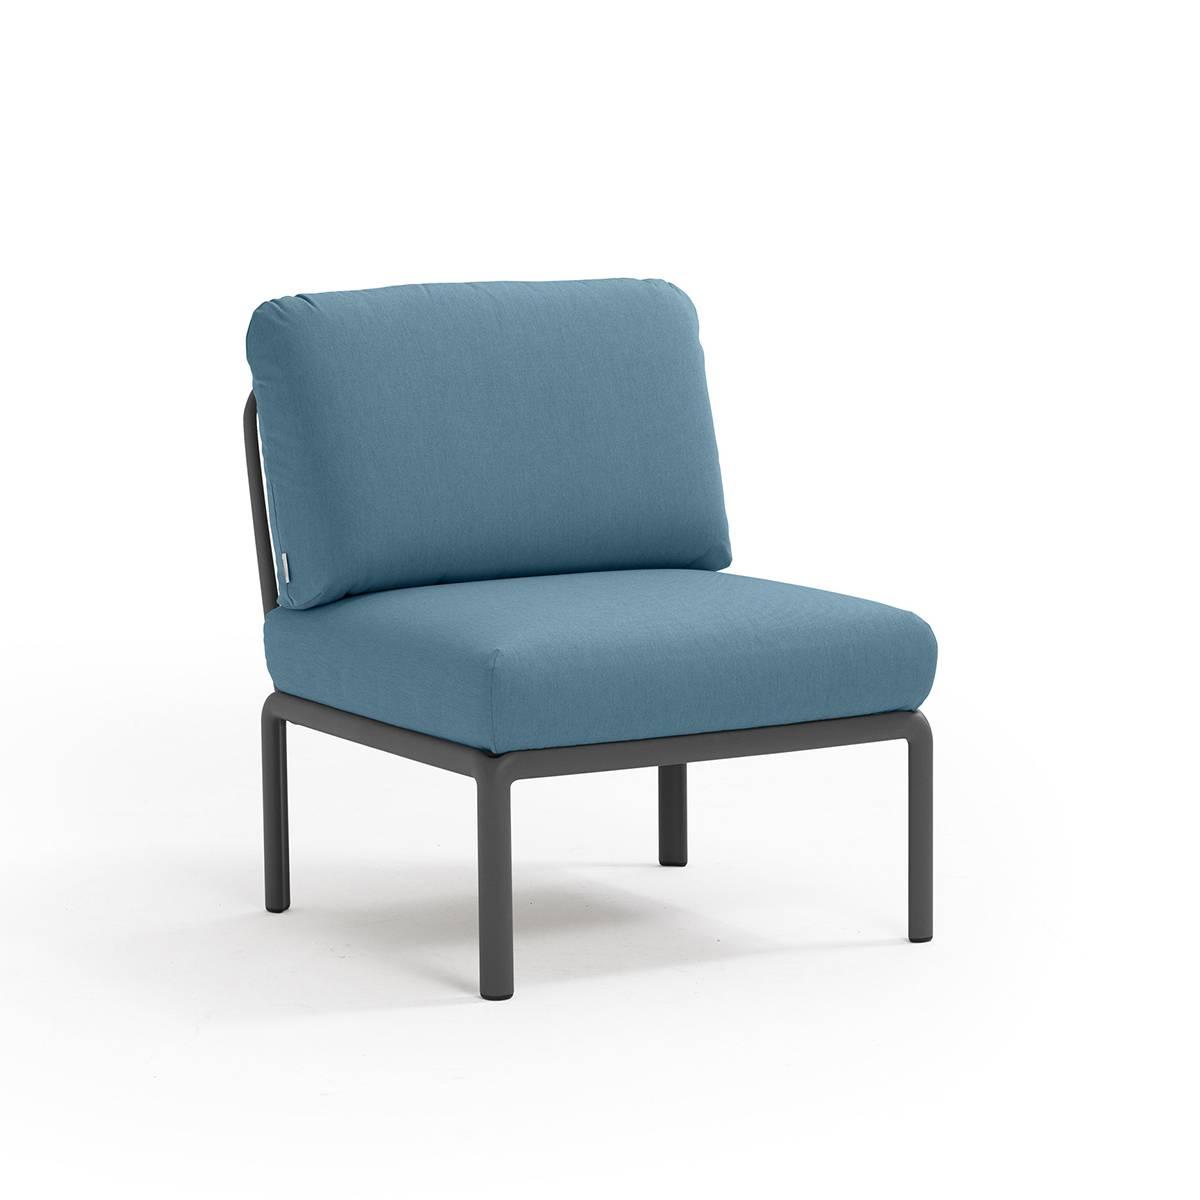 Градинско кресло без подлакътници Komodo, antracite